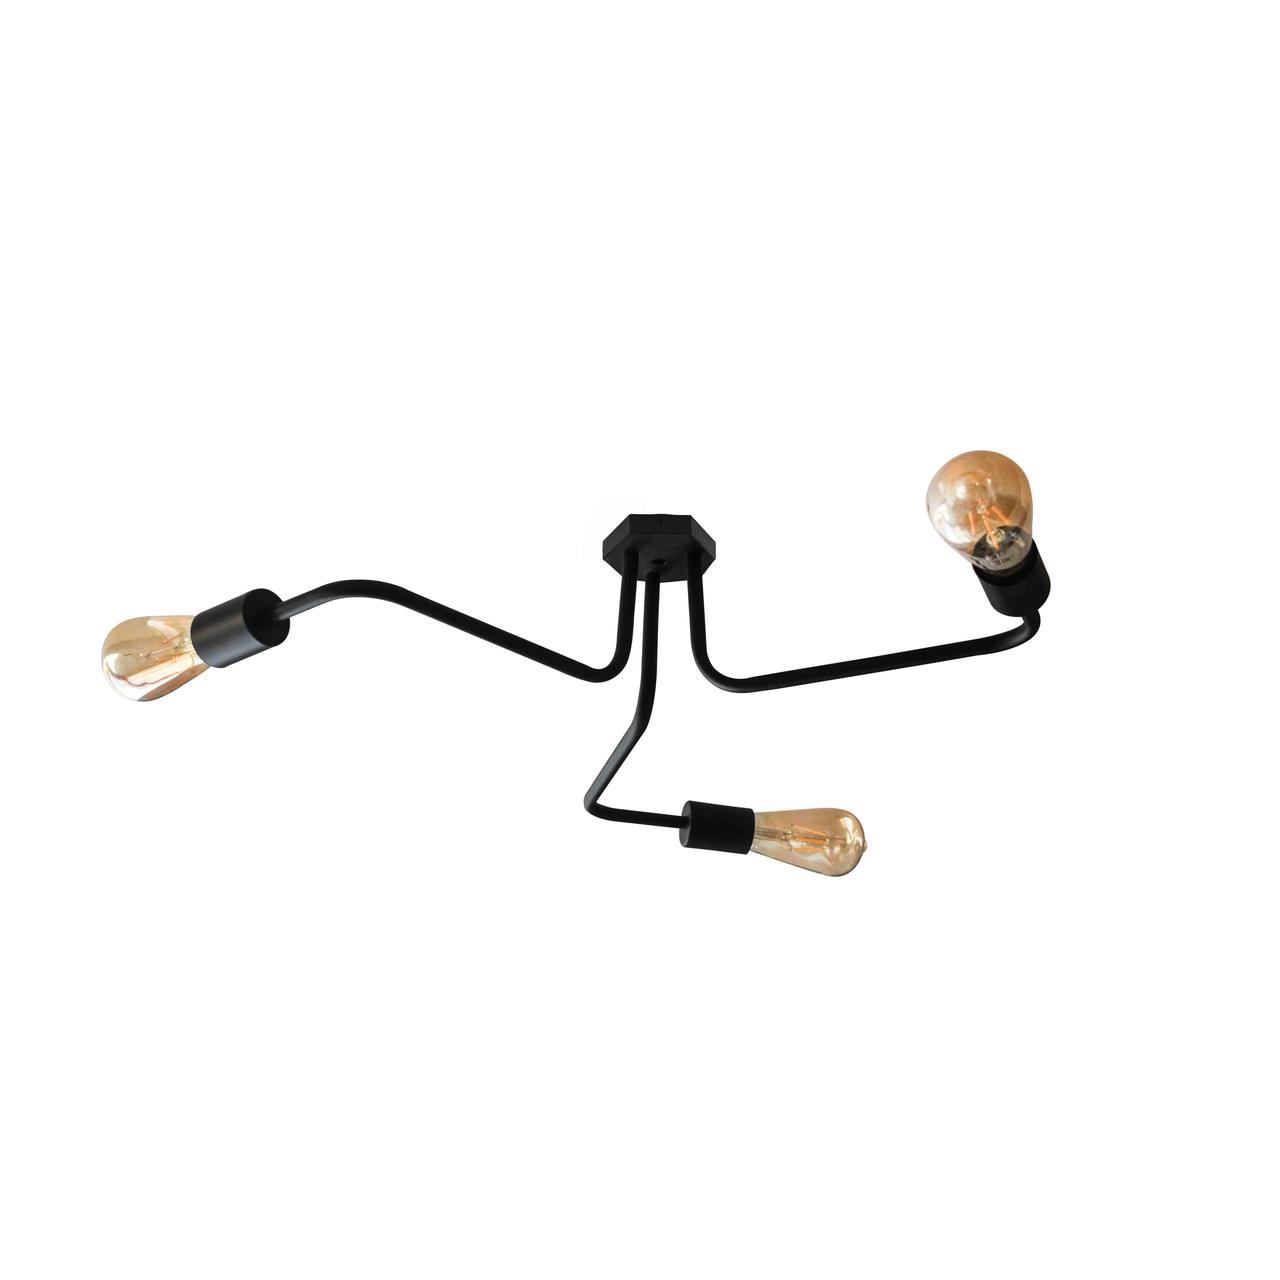 Люстра павук NL 6060/3 MSK Electric